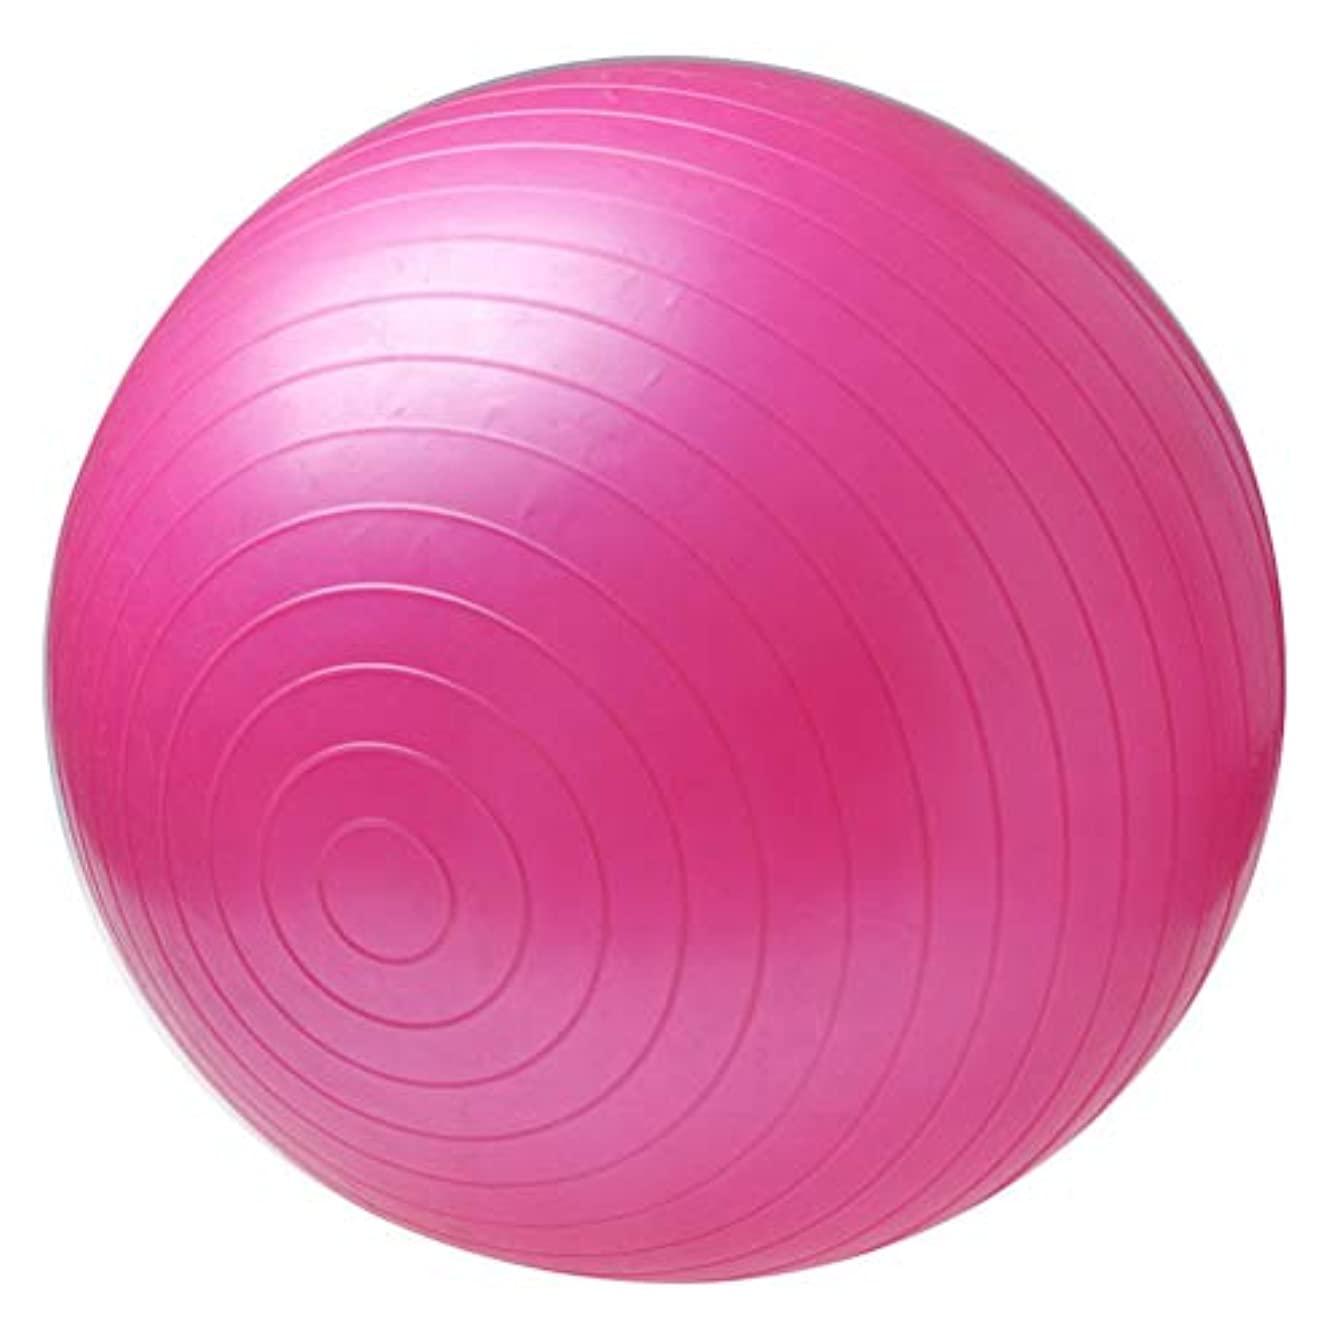 靄元のマニフェスト非毒性スポーツヨガボールボラピラティスフィットネスジムバランスフィットボールエクササイズピラティスワークアウトマッサージボール - ピンク75センチ